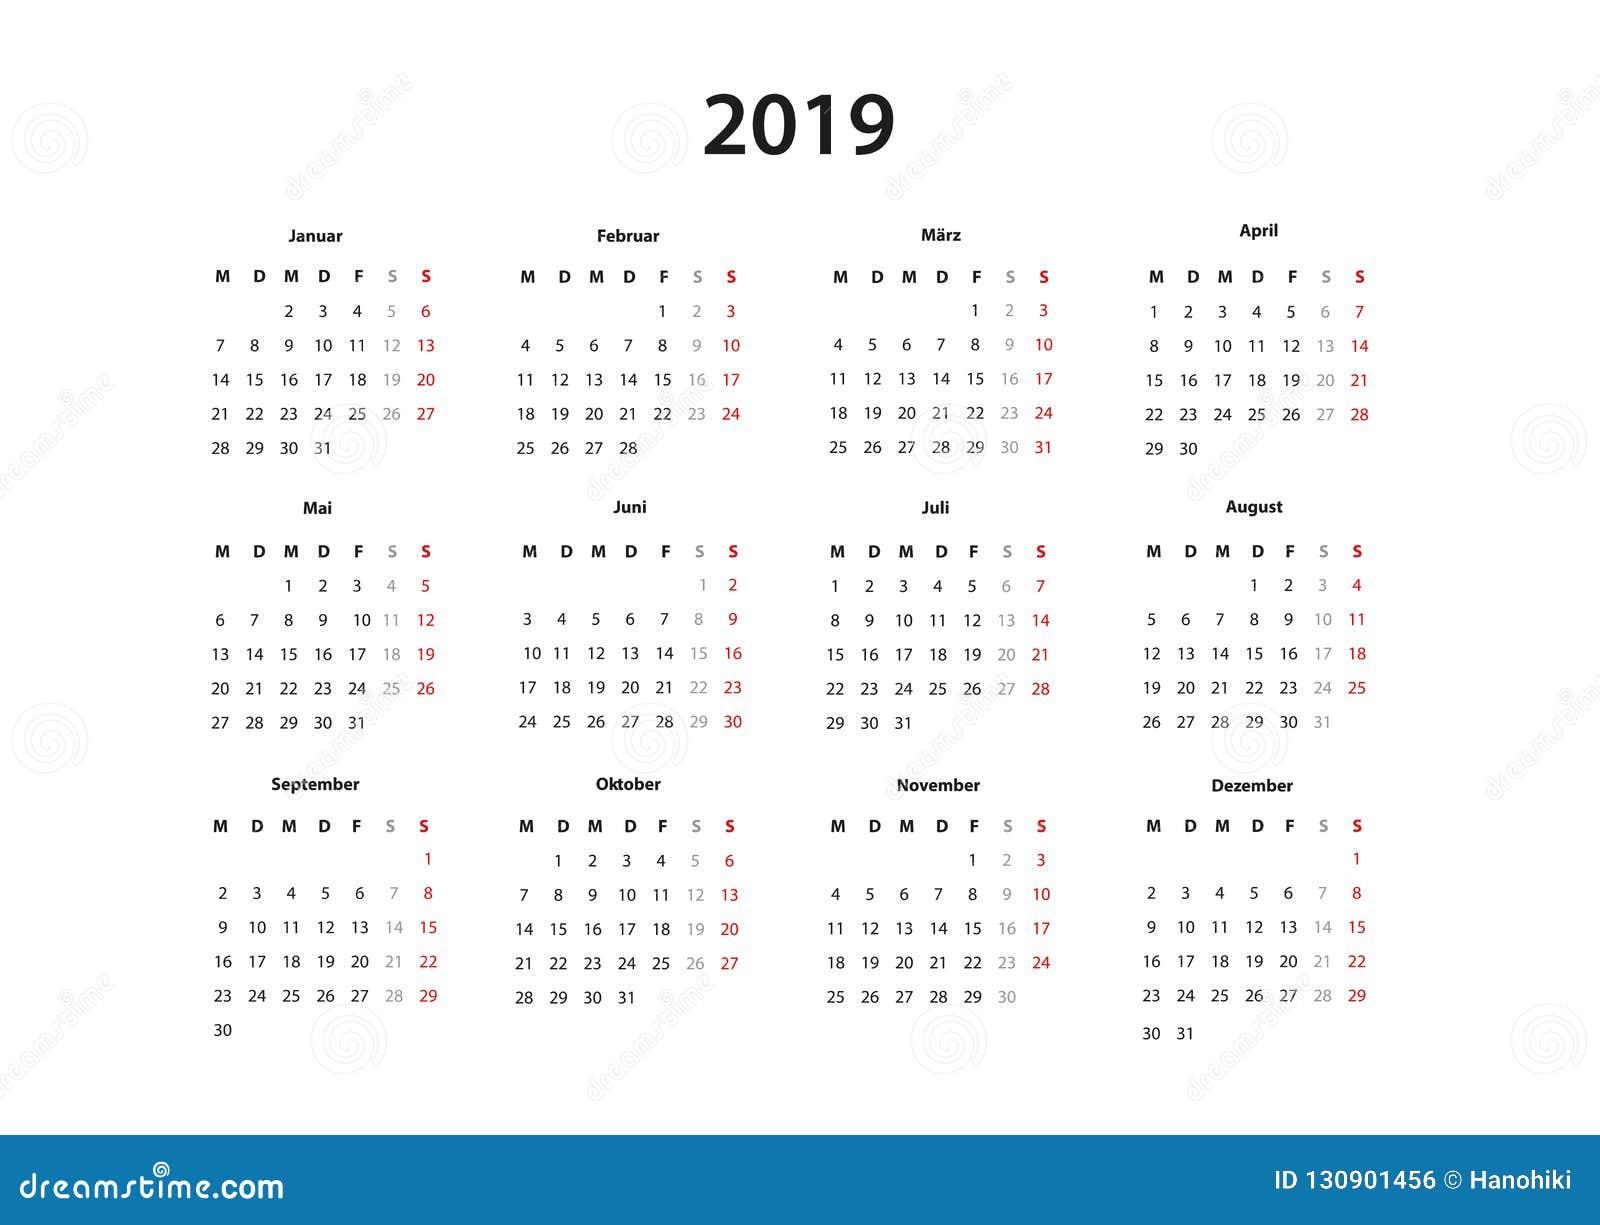 kalender 2019 2020 2021 kalender einfache vorlage. Black Bedroom Furniture Sets. Home Design Ideas